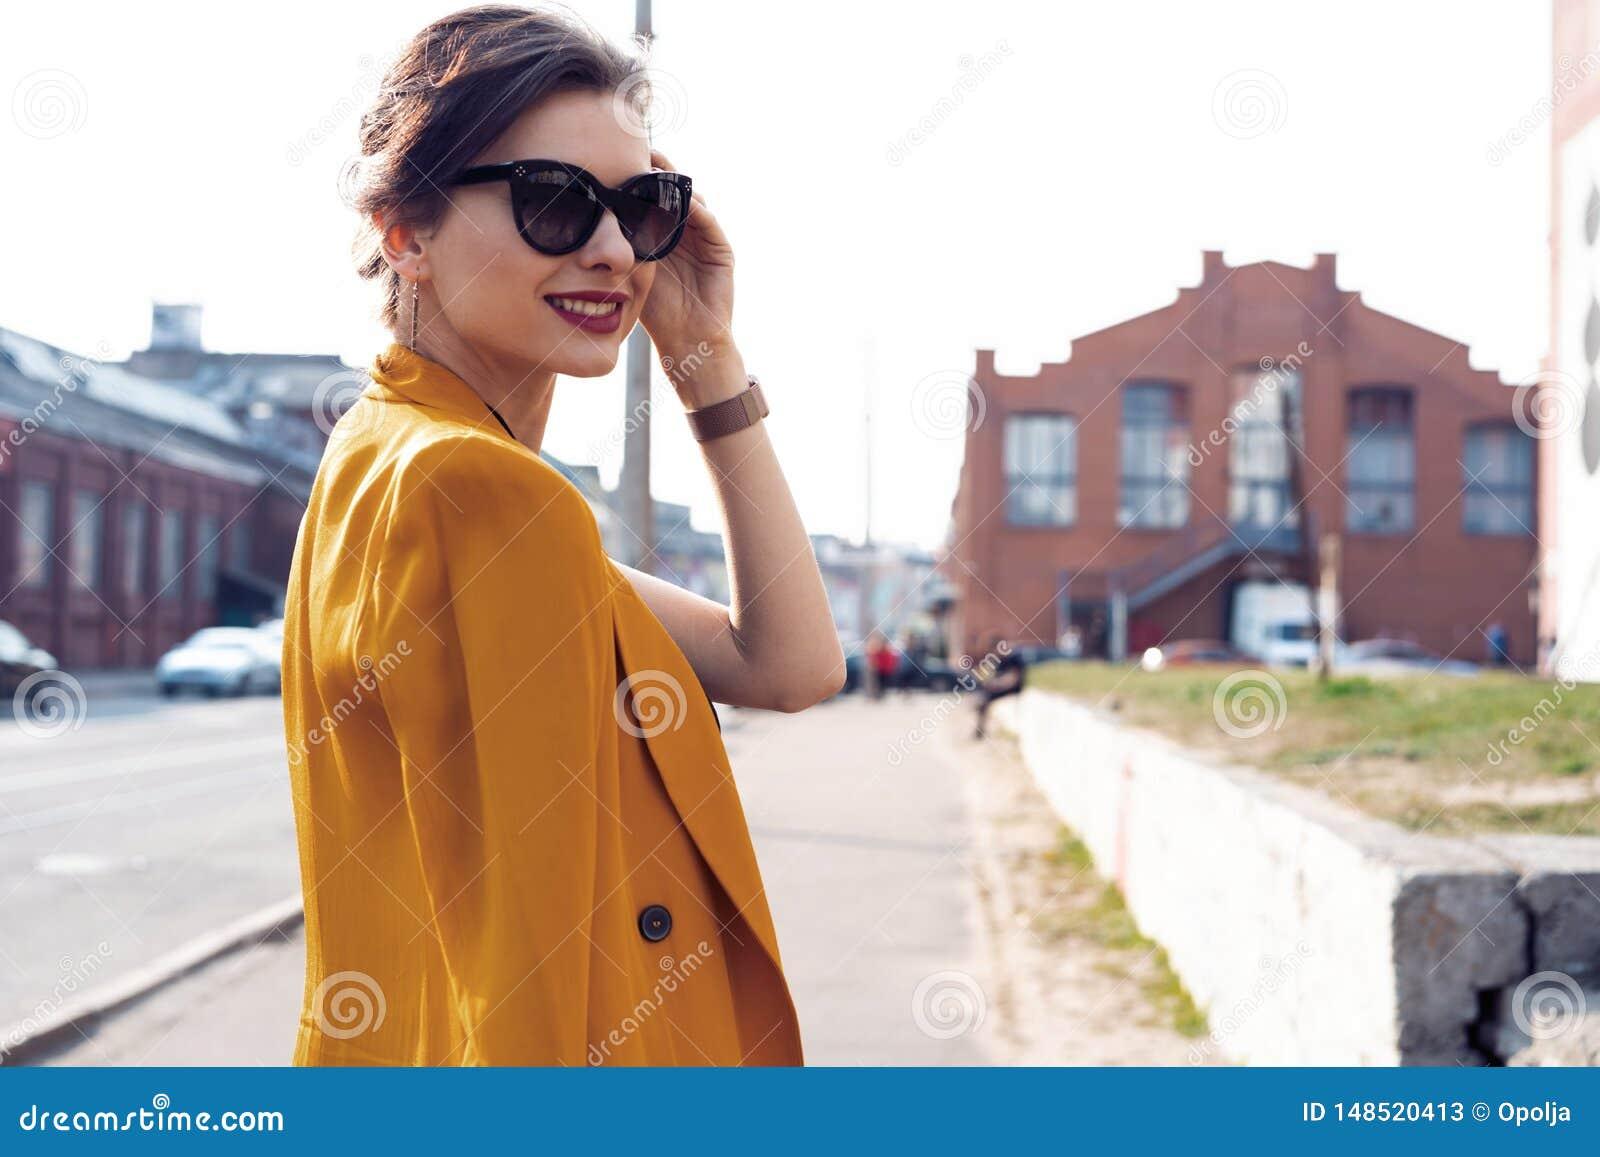 De vrouw die van de portretmanier in zonnebril op straat lopen Zij draagt geel jasje, glimlachend aan kant